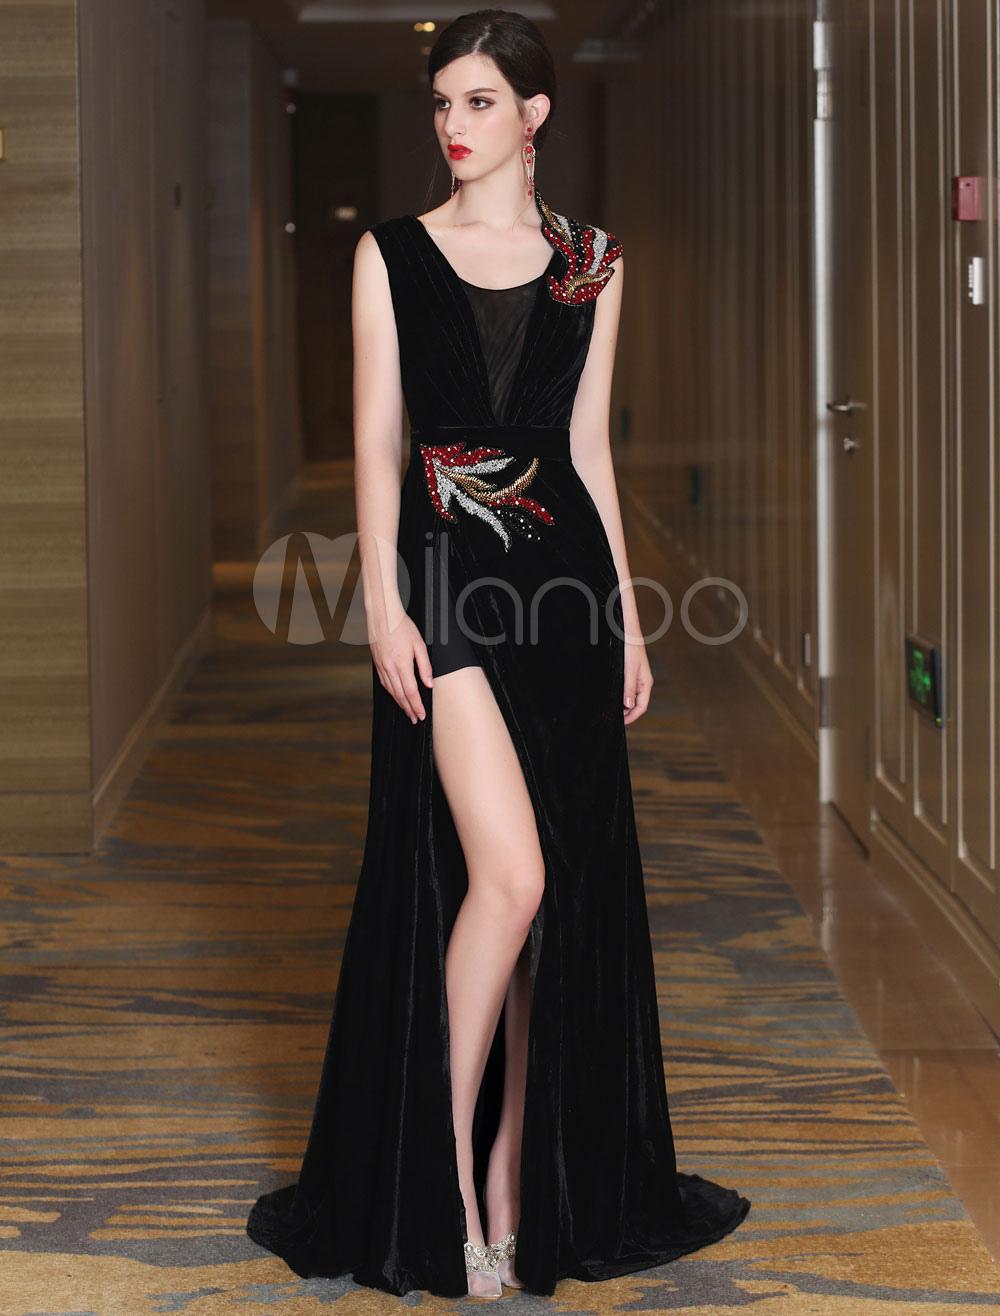 1cbc442afba3 Vestiti da sera del velluto il nero sexy di lusso che divide i vestiti  convenzionali del ...